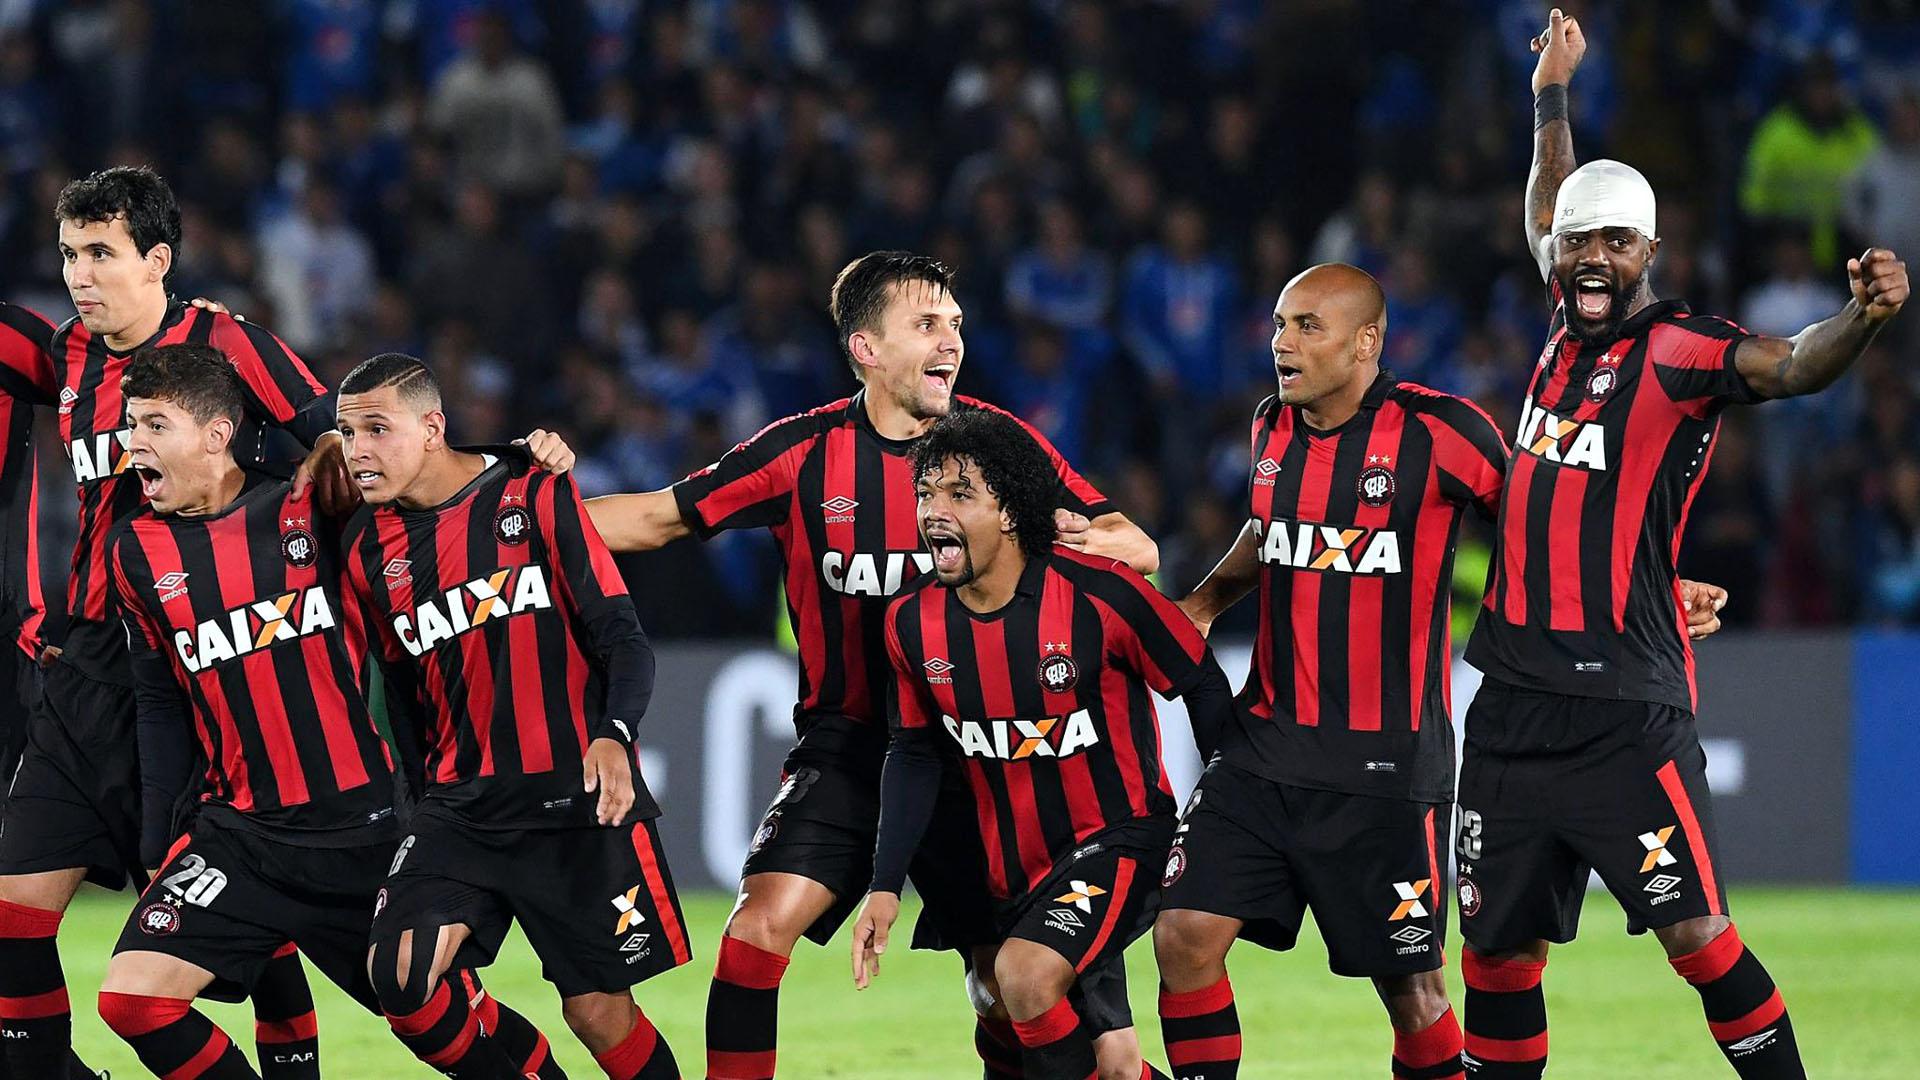 Atlético Paranaense comemora classificação em Bogotá, contra o Millonarios